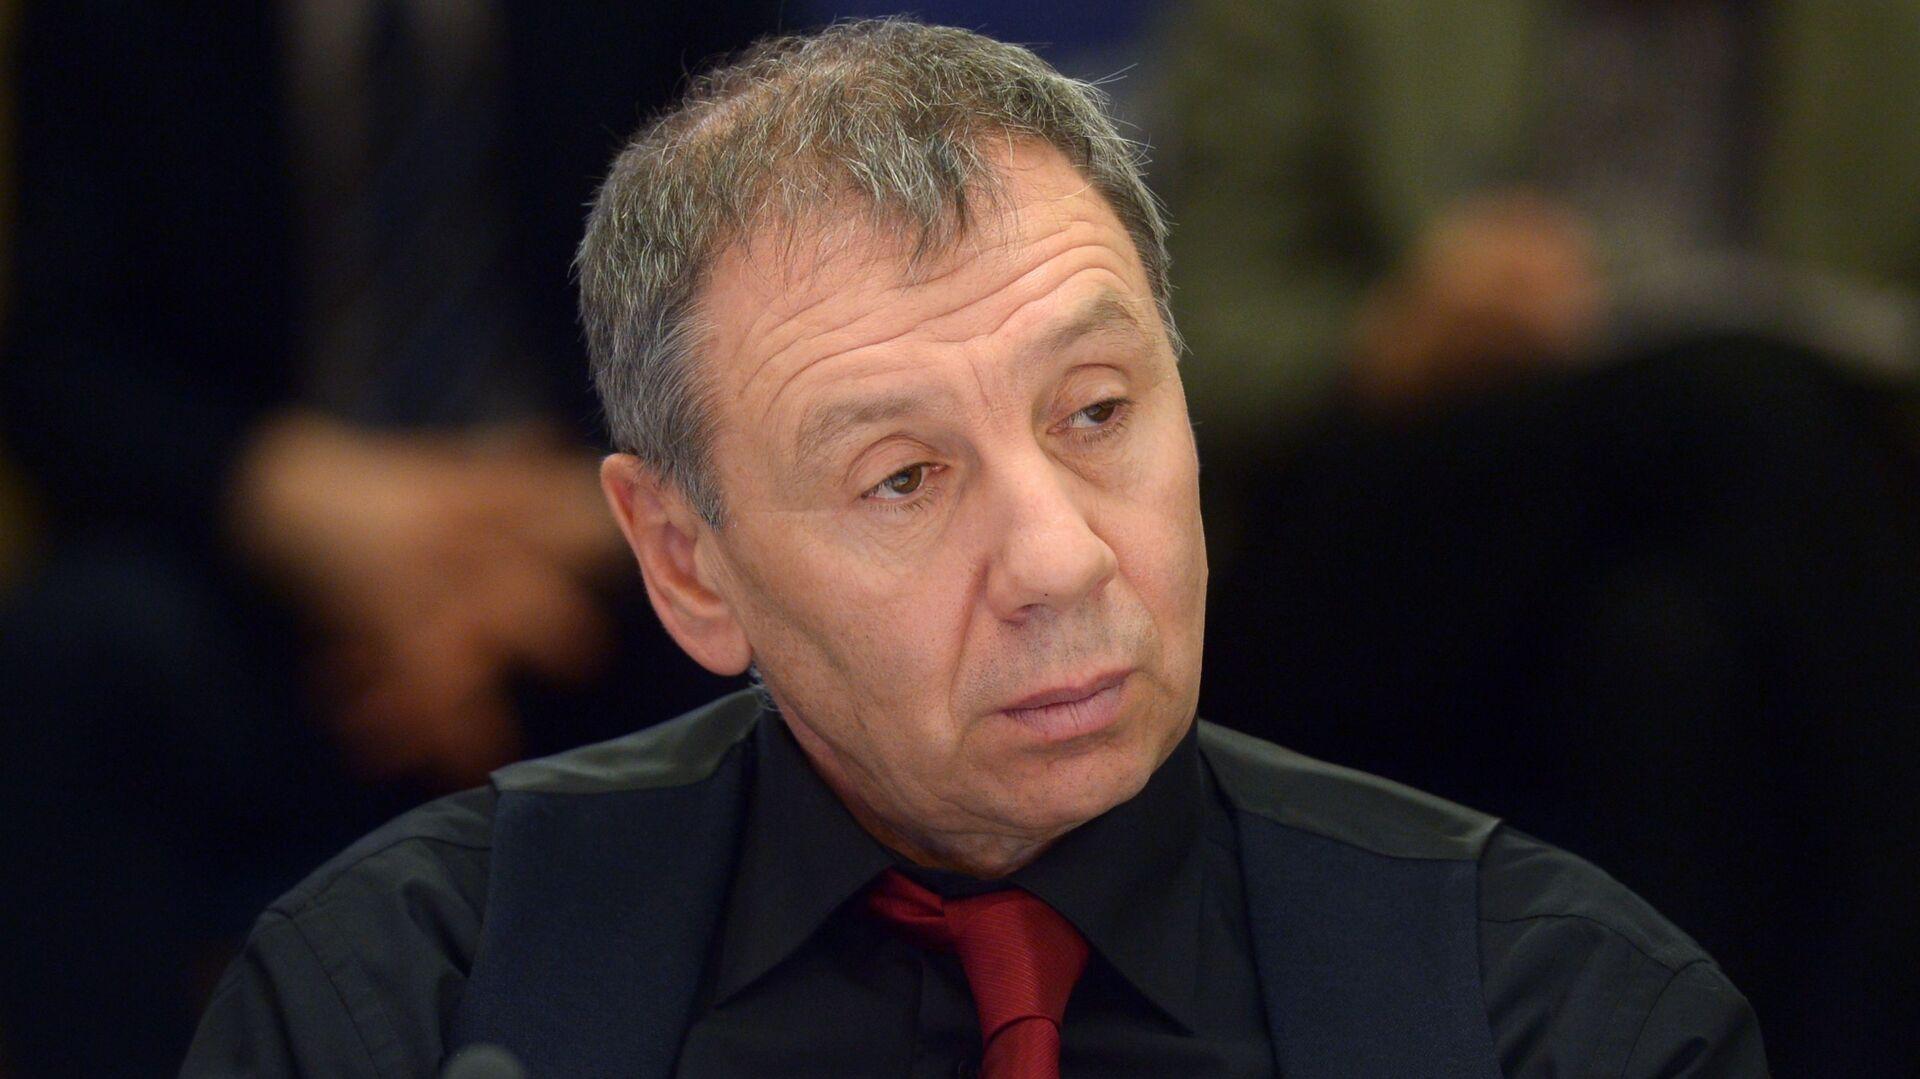 Политолог, член Общественной палаты (ОП) РФ Сергей Марков  - Sputnik Беларусь, 1920, 04.03.2021